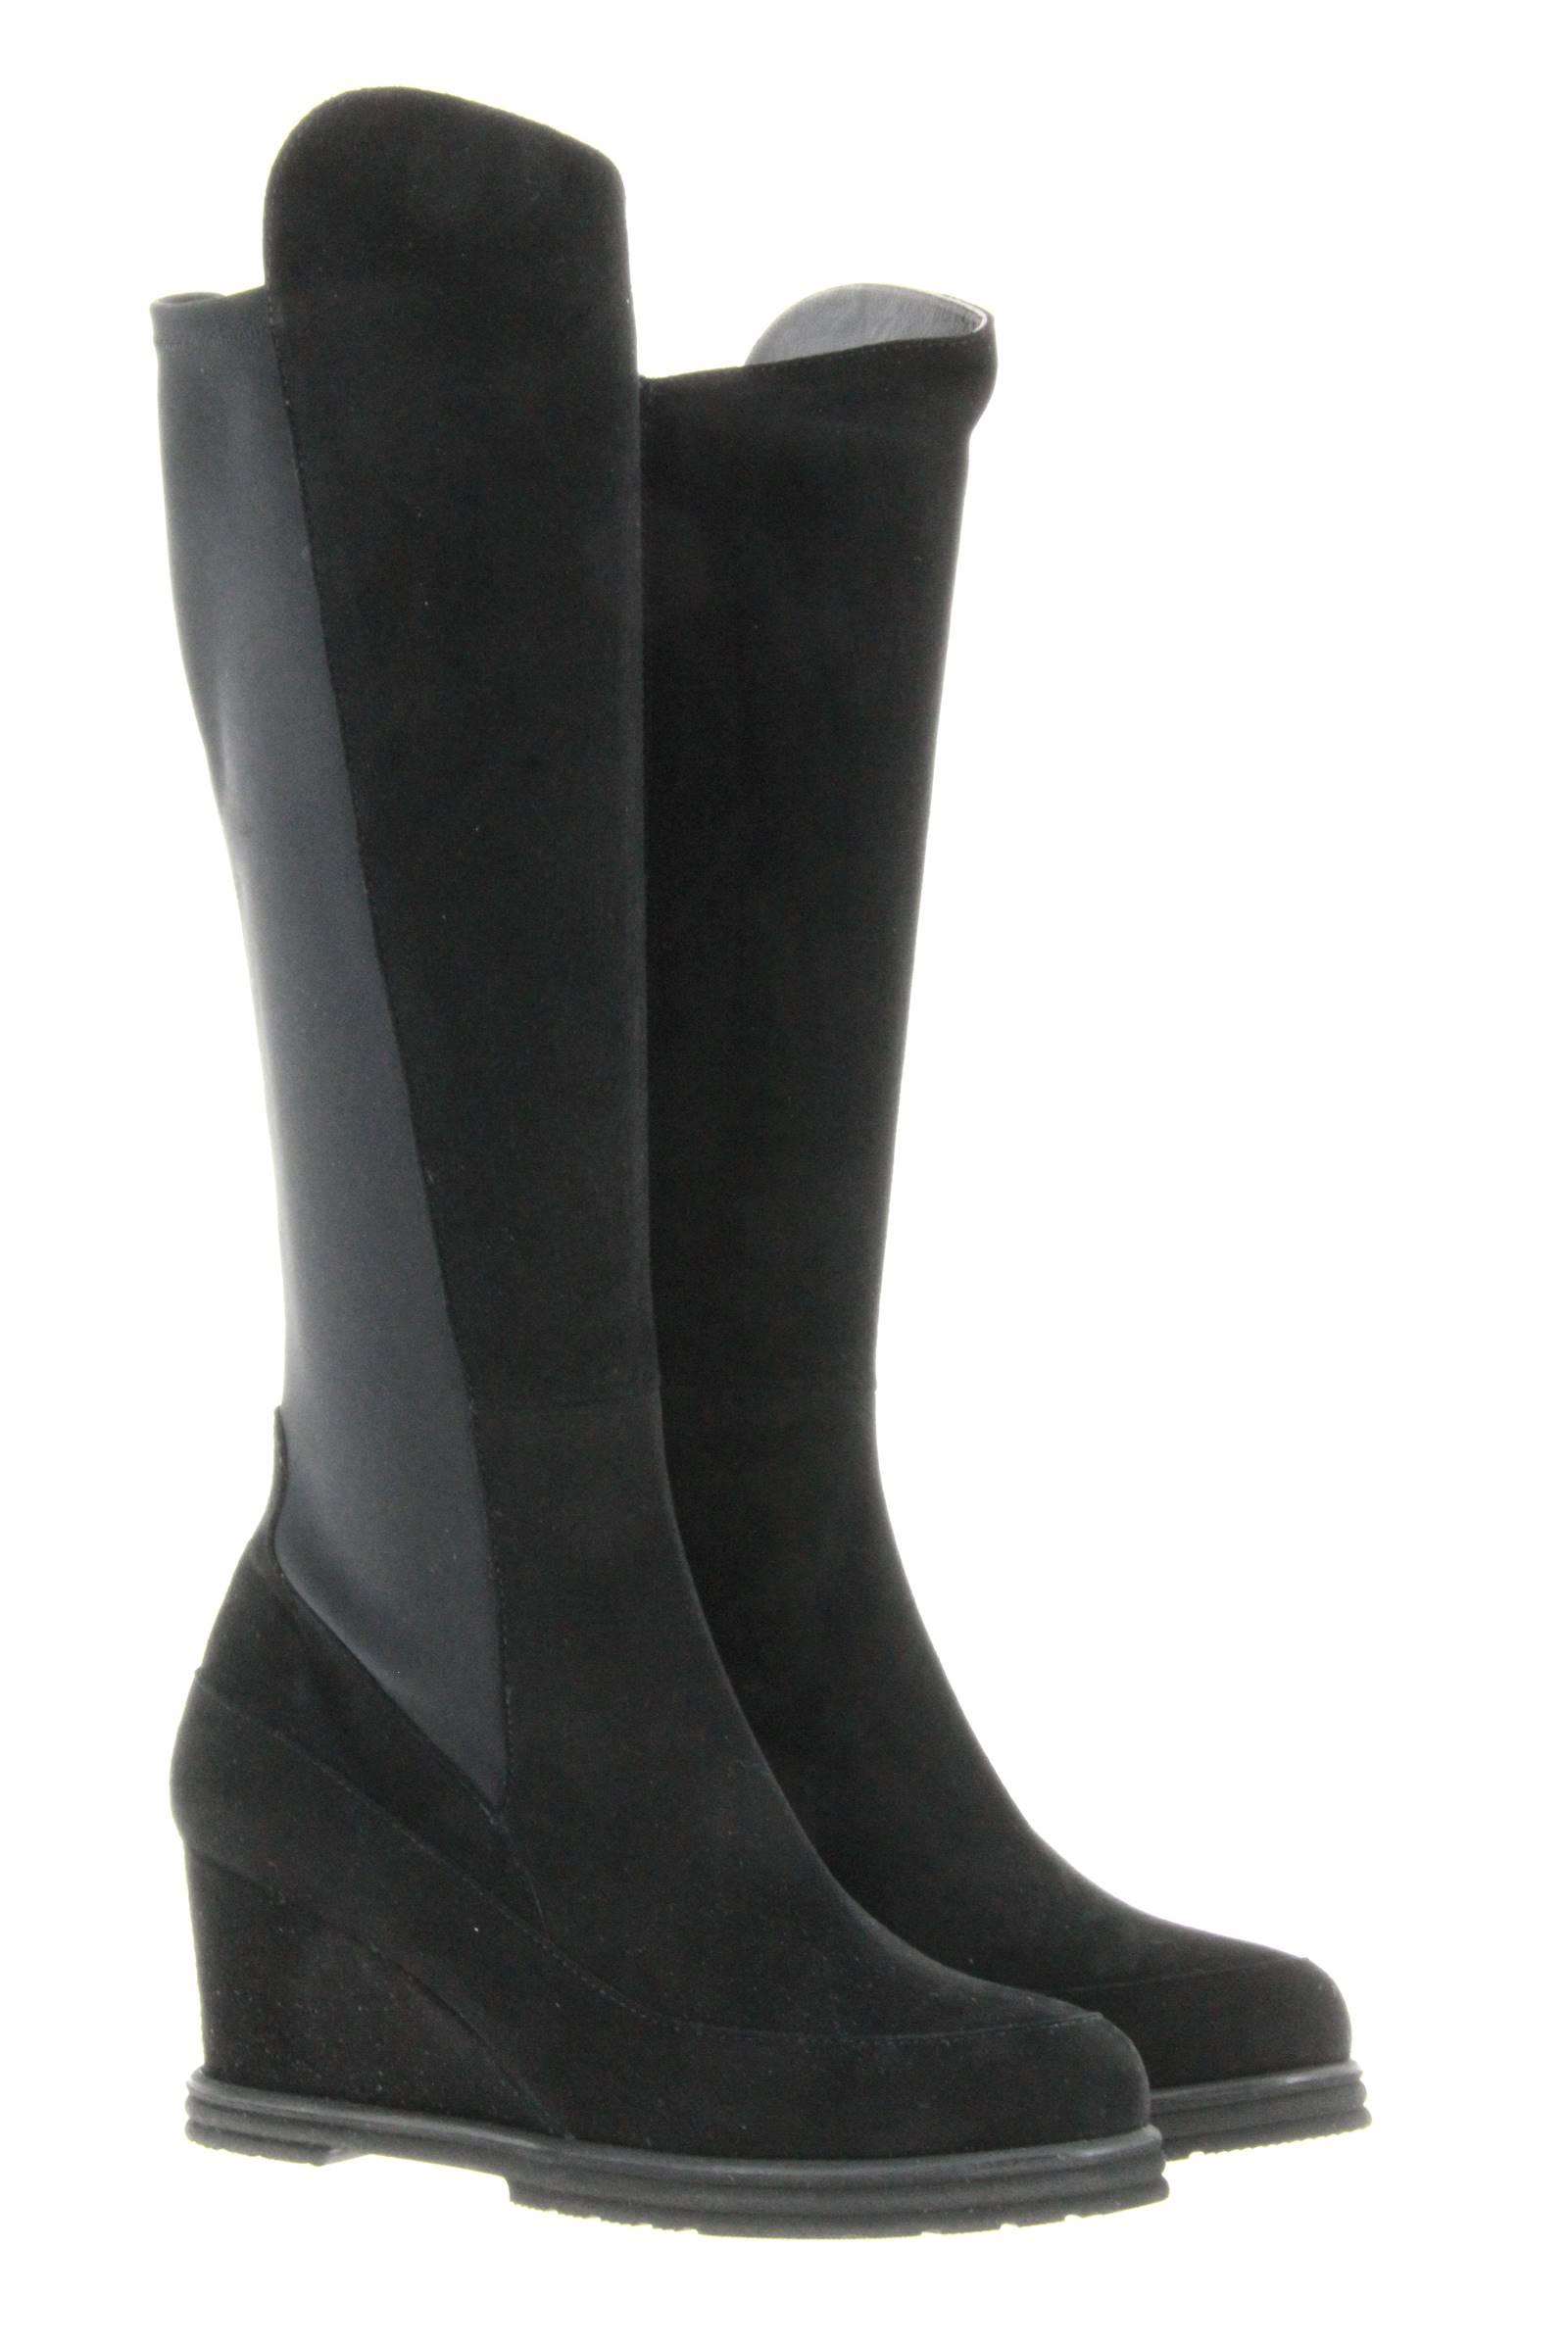 Brunate boots LUCY CAMOSCIO NERO